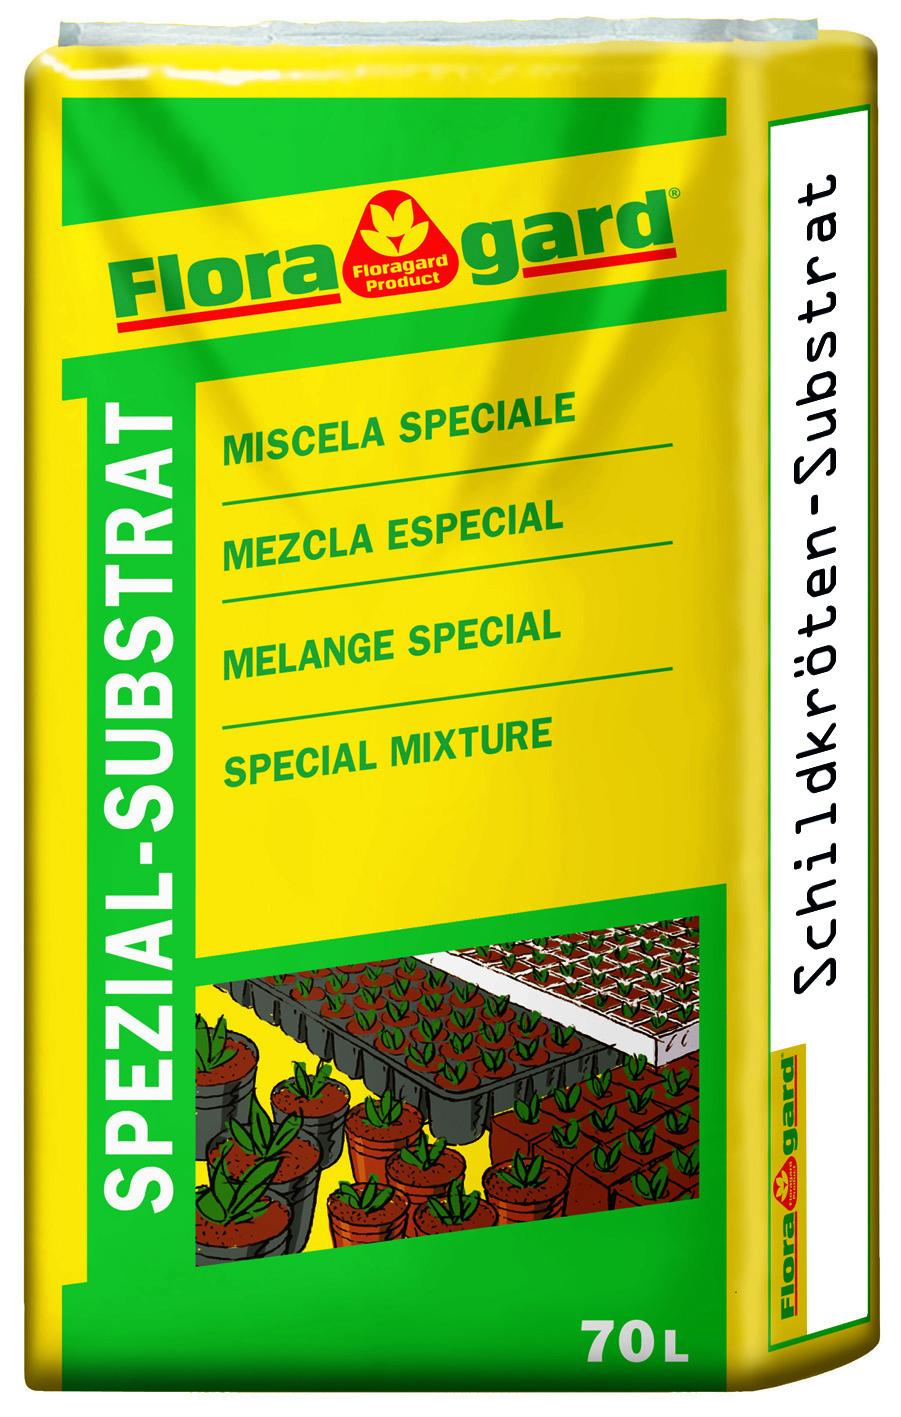 Floragard Schildkröten-Spezialsubstrat jetzt auch in Österreich erhältlich